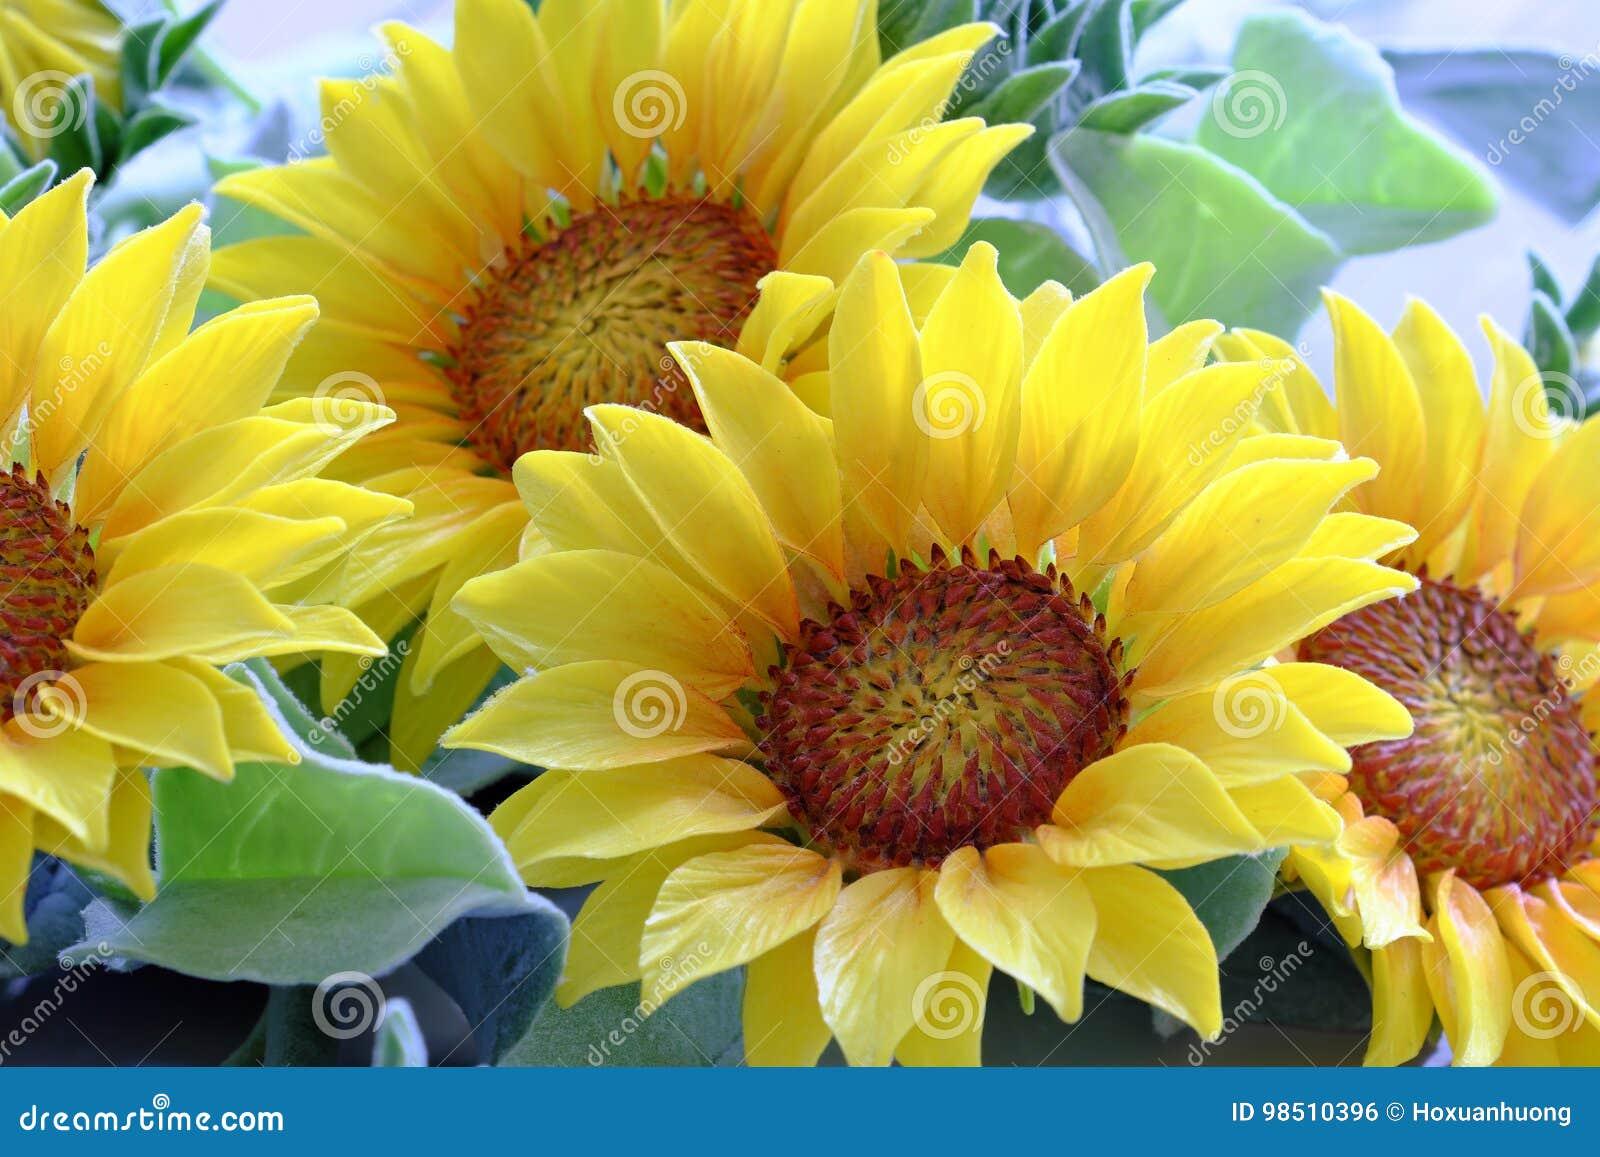 fleur d'argile, bouquet de tournesol photo stock - image du